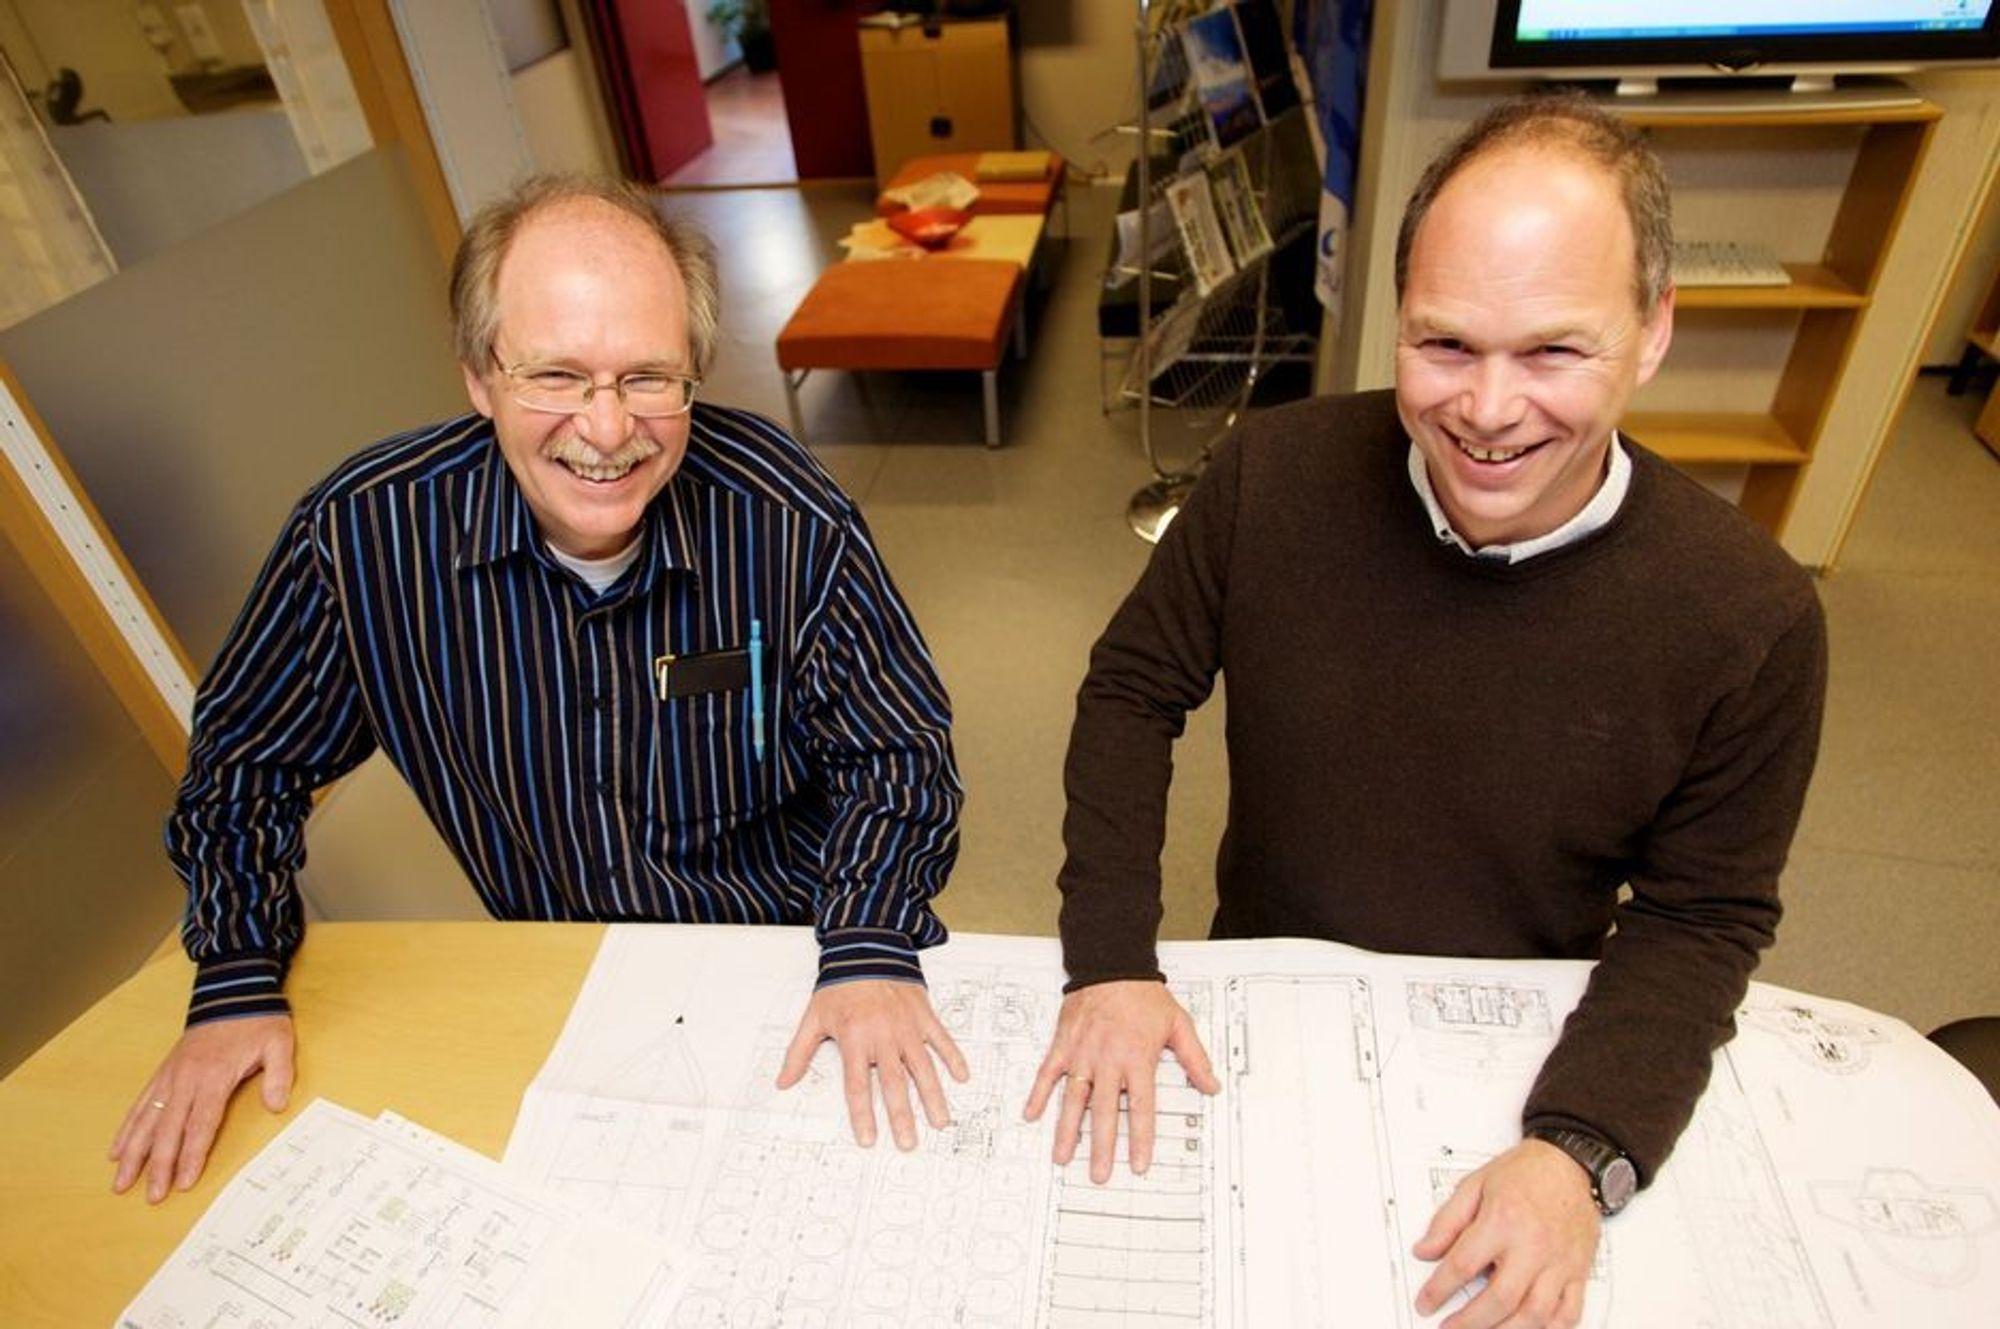 SMARTE: Wärtsilä Ship Power på Stord med Svein Djuve (t.v) og Egil Hystad i spissen har utviklet Low Loss-konseptet som sørger for effektiv utnyttelse av motorkraften i diesel-elektriske framdriftssystemer.